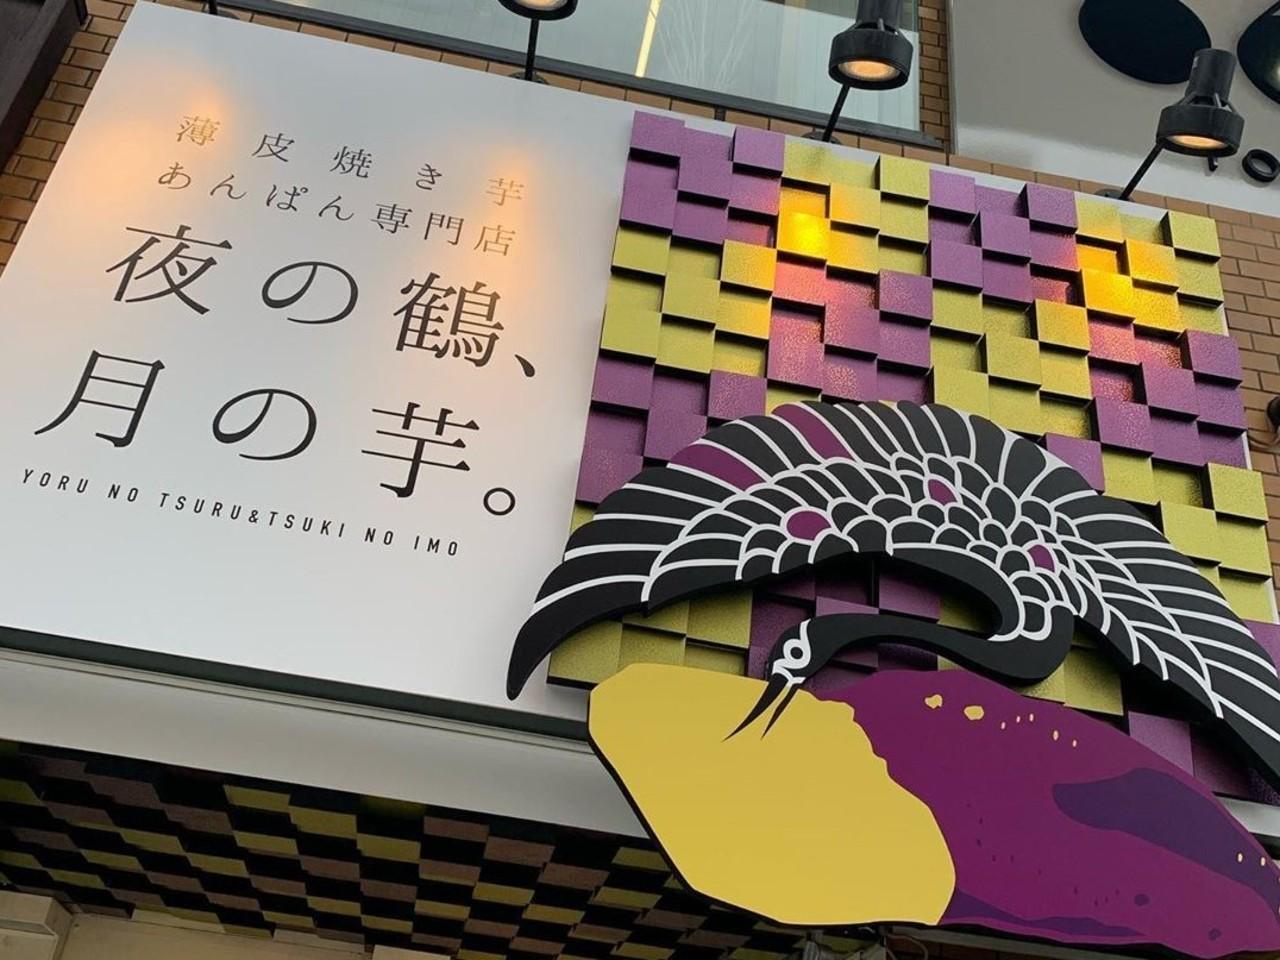 札幌市中央区南一条西五丁目に「薄皮焼き芋あんぱん専門店 夜の鶴、月の芋」が本日オープンのようです。